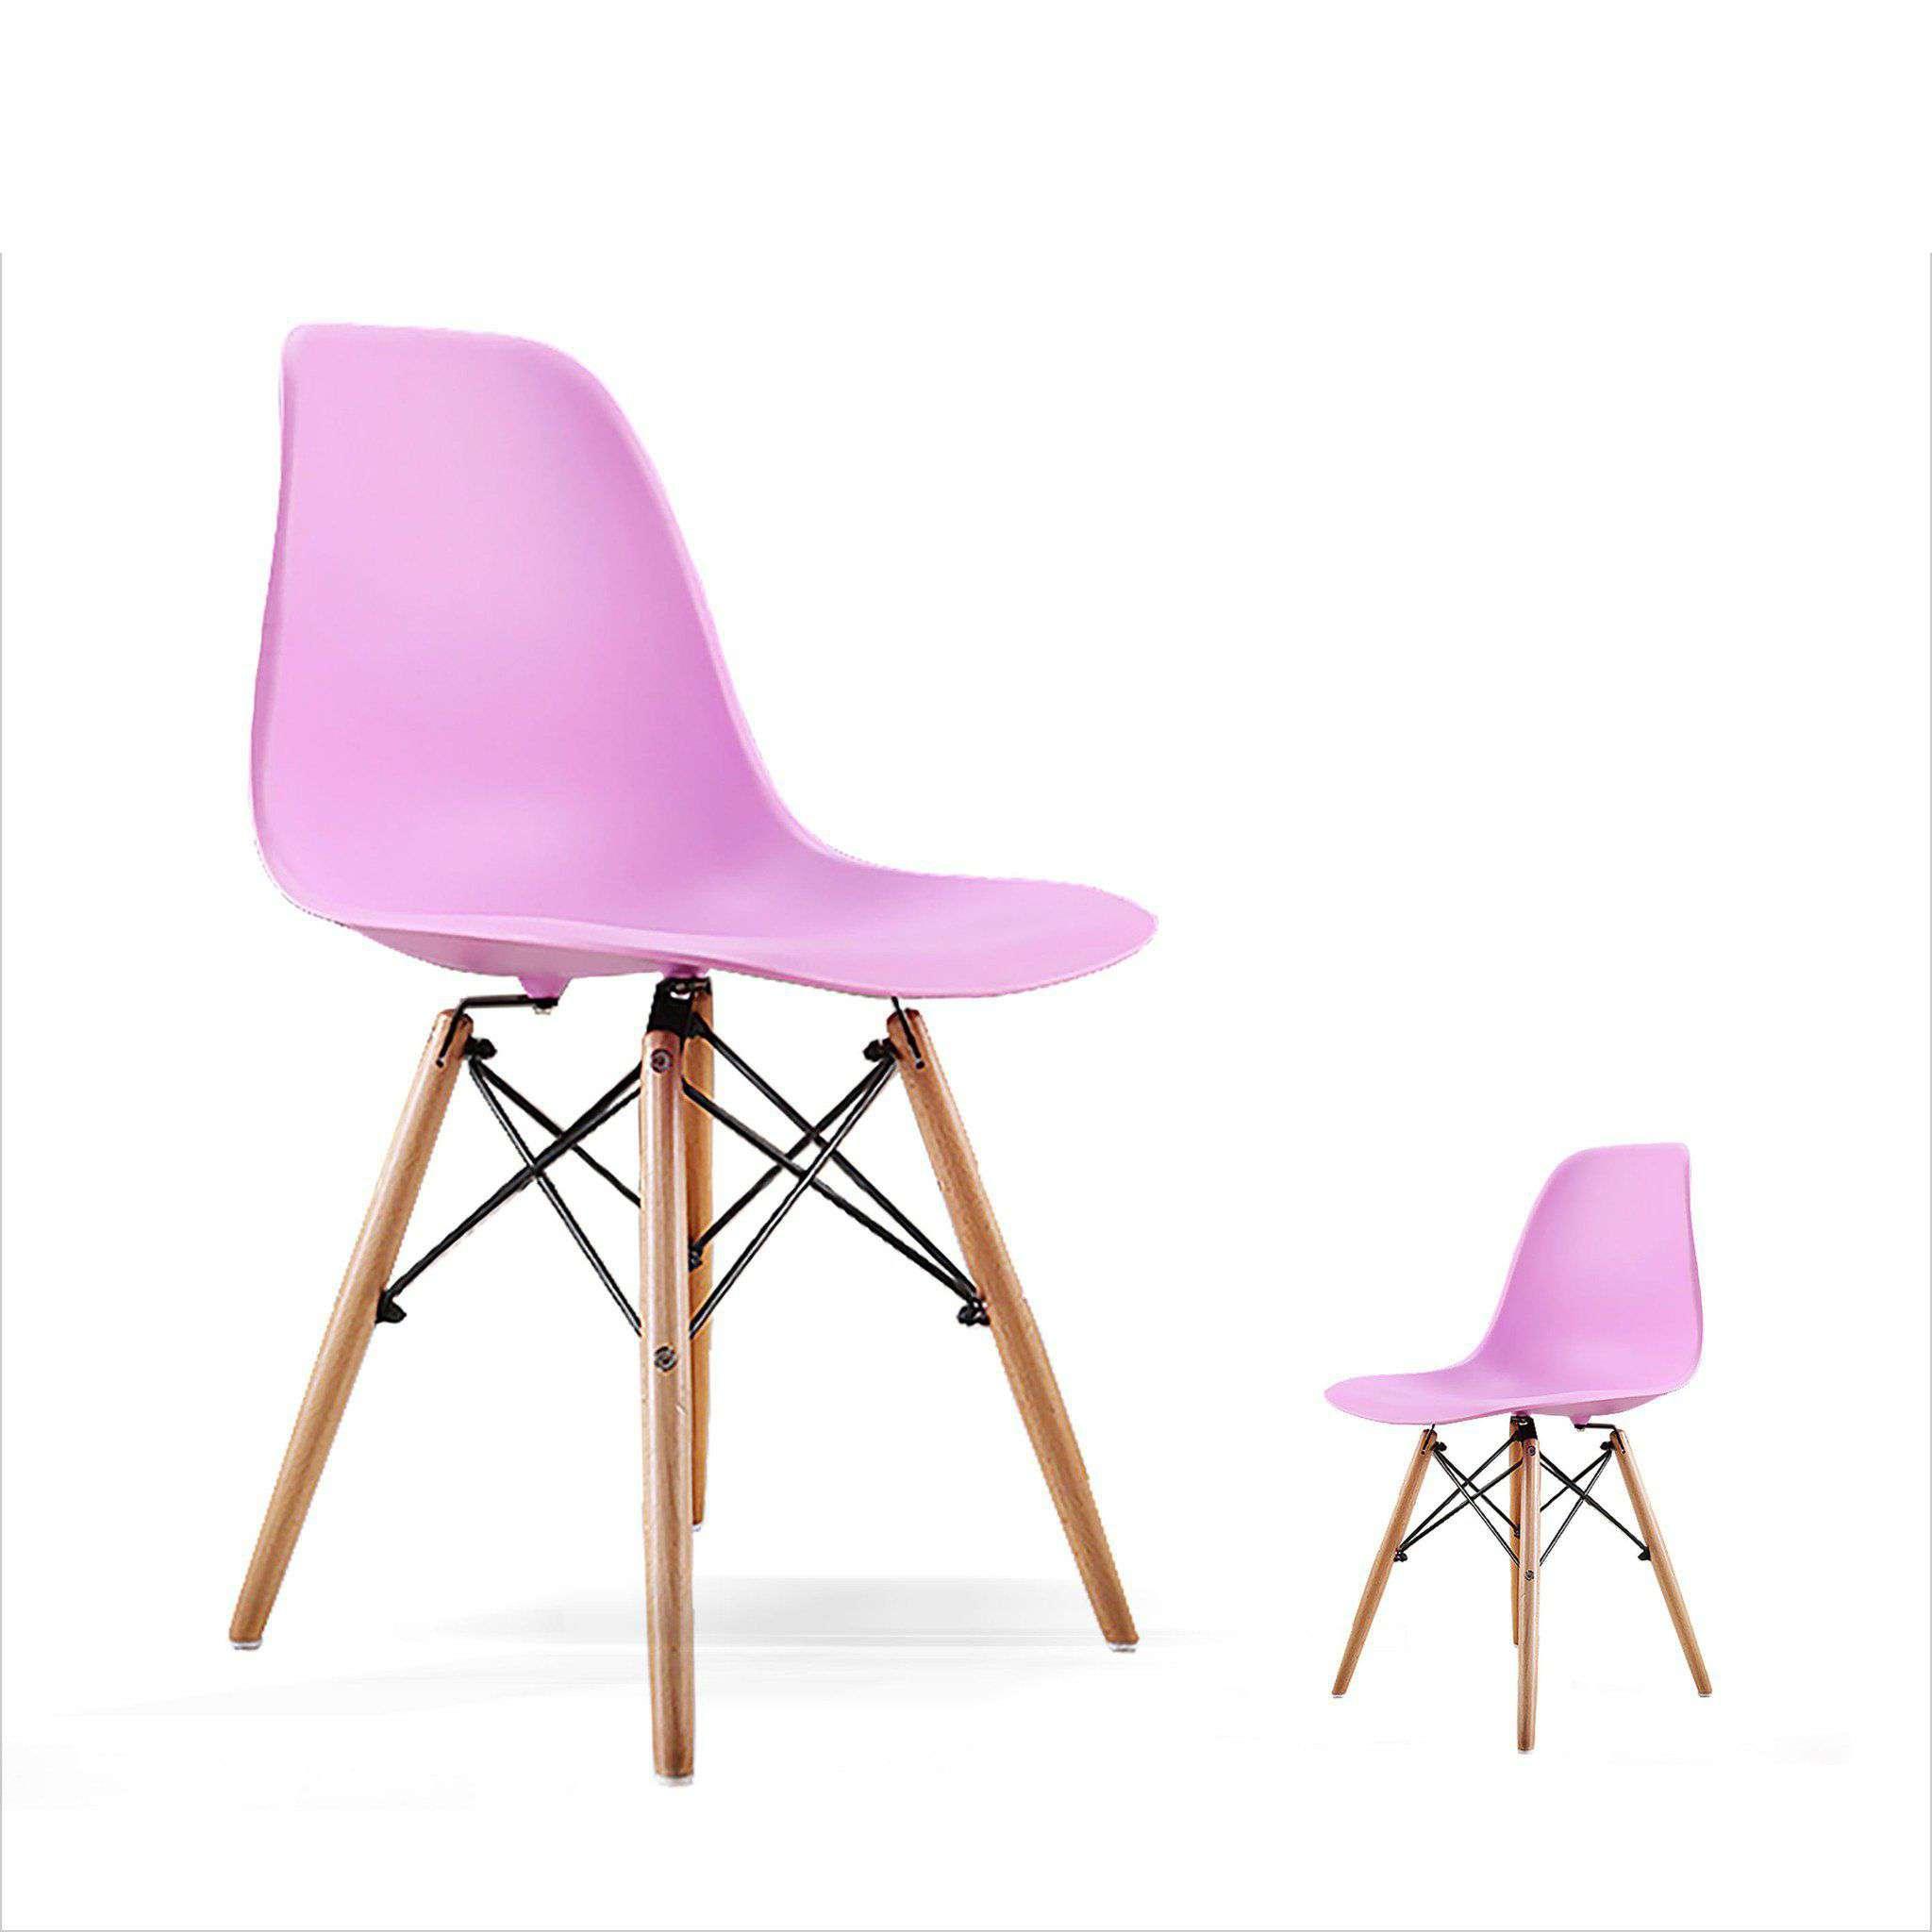 Ghế Eames chân gỗ mặt nhựa màu hồng Mã : E02